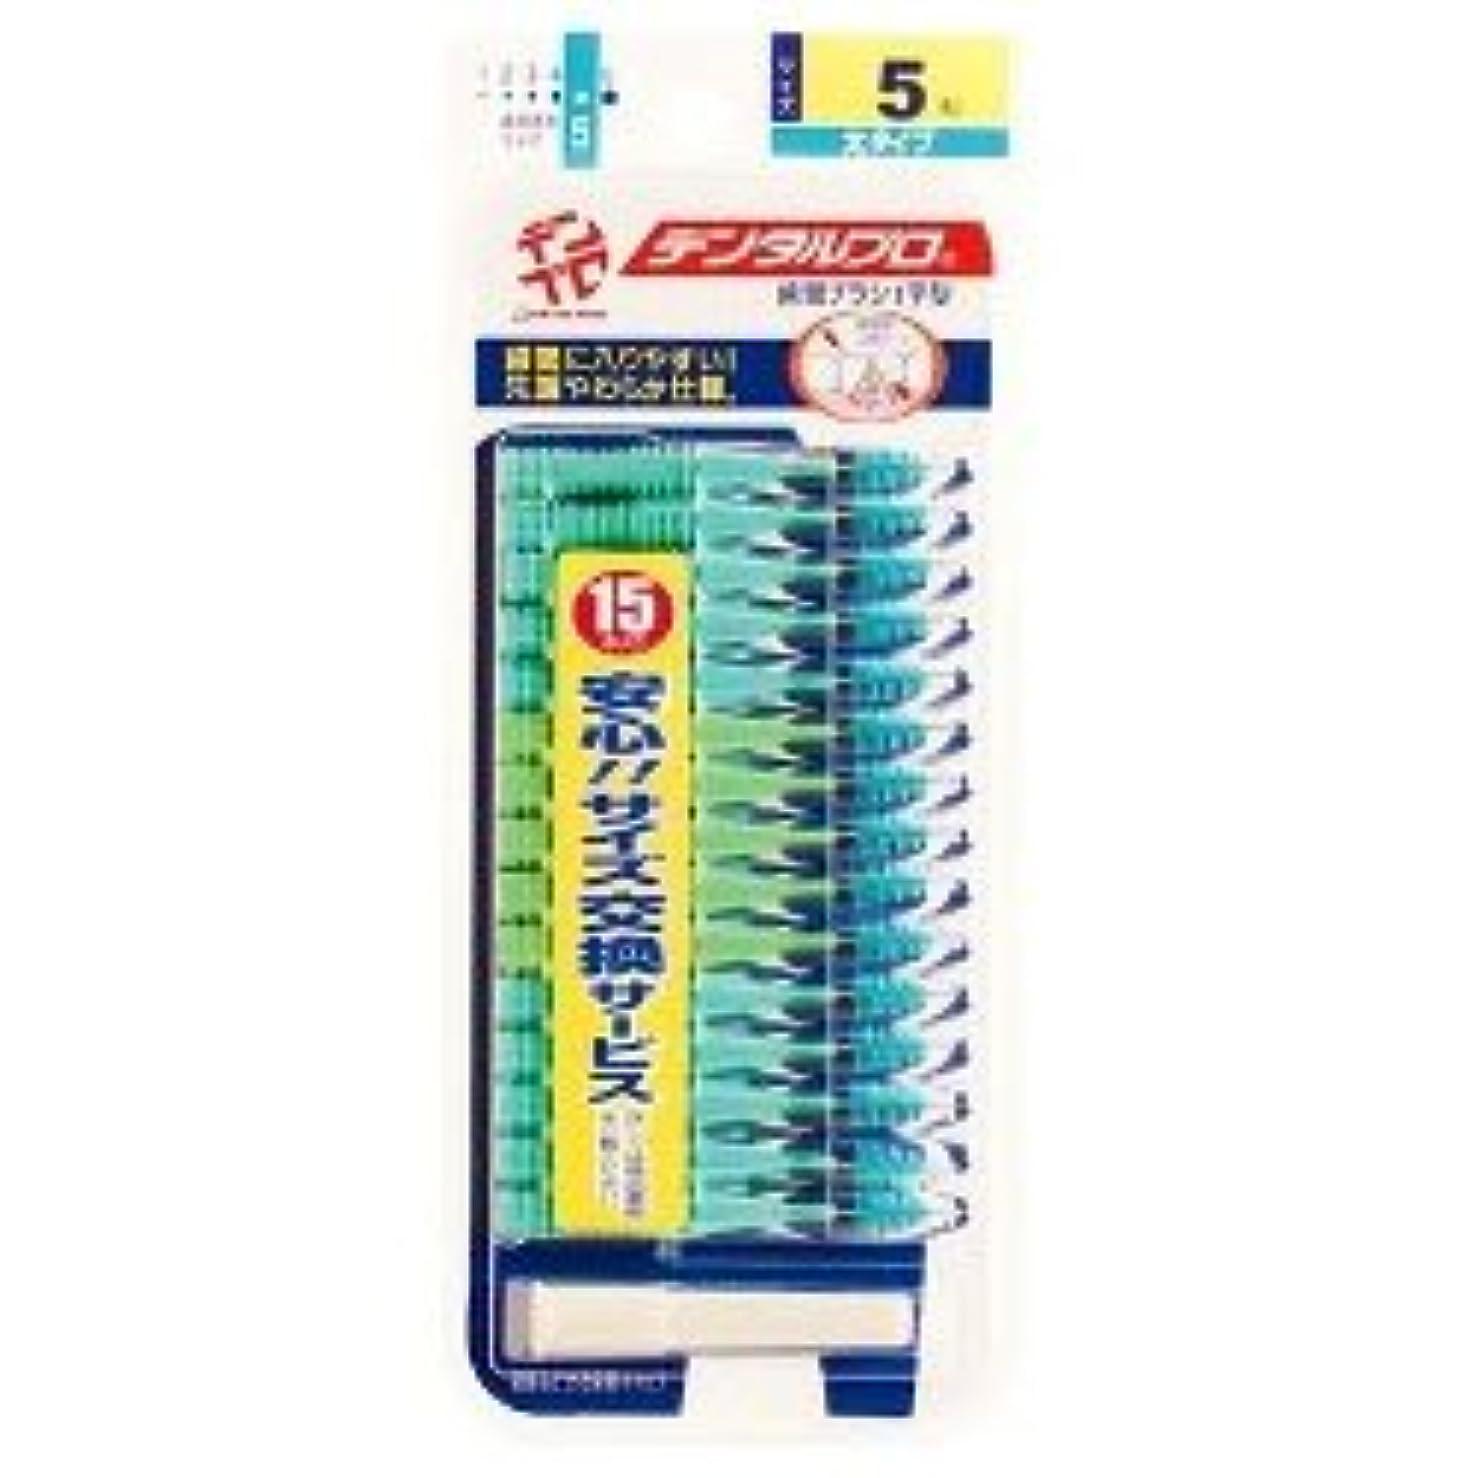 分数より多い制裁【デンタルプロ】デンタルプロ 歯間ブラシ サイズ5-L 15本入 ×3個セット